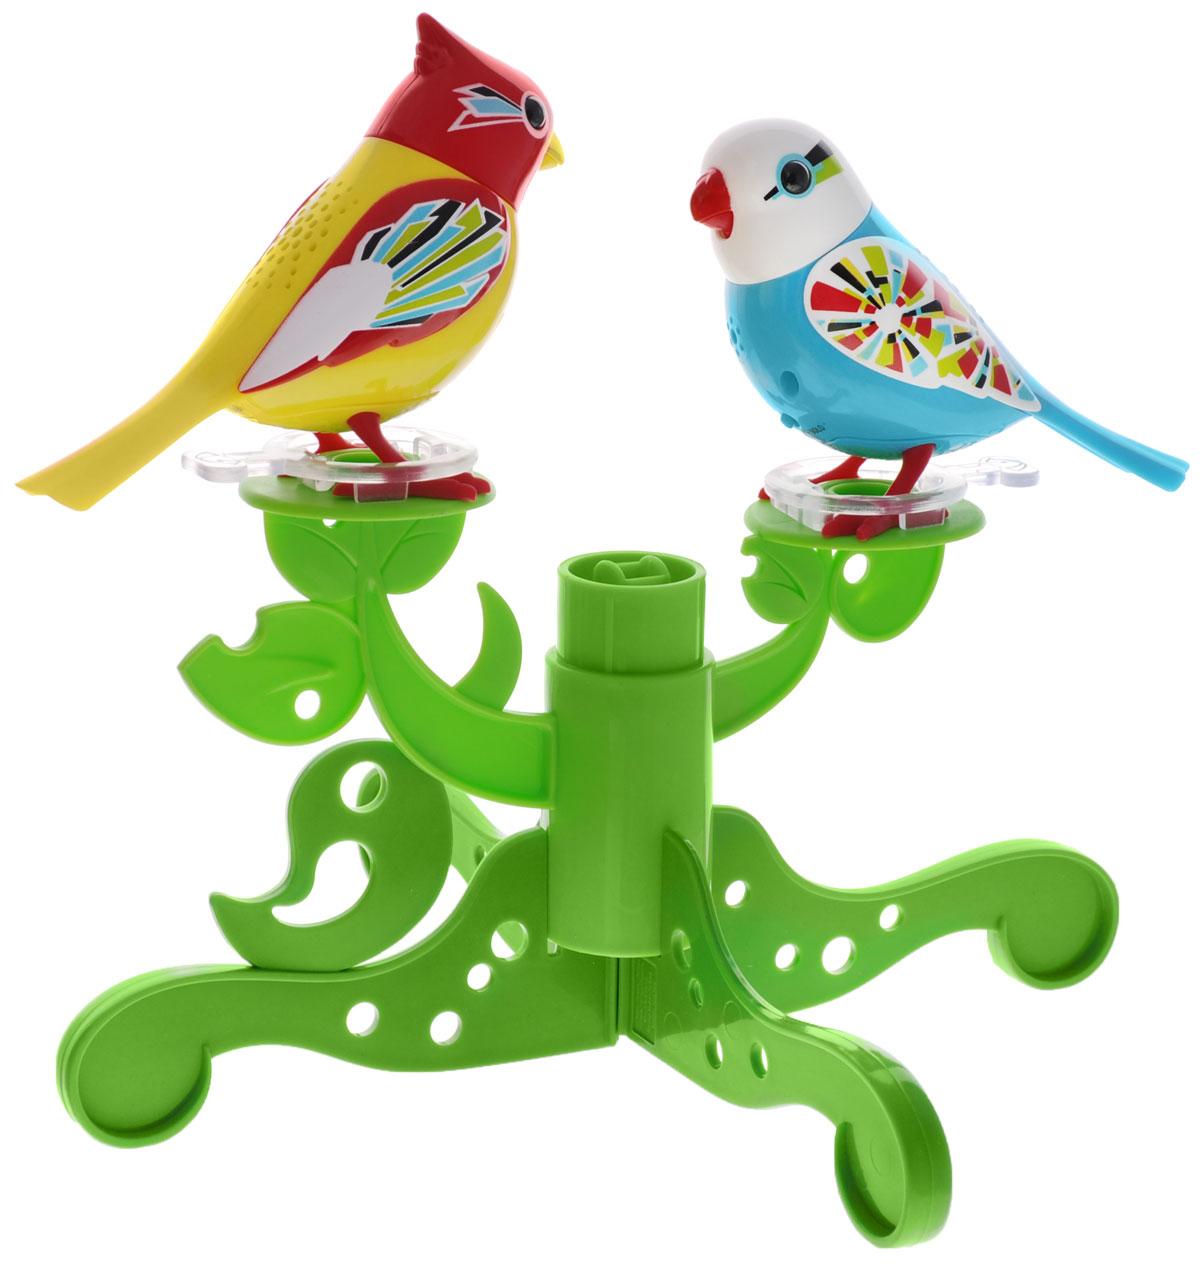 DigiBirds Интерактивный игровой набор Птички на дереве88237SИнтерактивный игровой набор DigiBirds Птички на дереве включает в себя две интерактивные птички, дерево и свисток. Каждая птичка умеет выполнять разные действия: щебетать, петь песенки, при этом двигая головой и клювом. Если подуть на грудку птички, она начнет щебетать. Если подуть в свисток, птичка станет исполнять известную песенку. Игрушка воспроизводит свыше 55 музыкальных свистов. 2 режима работы игрушки: соло и хор. При переключении в режим хора можно последовательно подсоединять птичек к главной, в результате они будут вместе исполнять песенки вслед за главной птичкой и щебетать друг с другом. В комплекте с птичками идет дерево с местами крепления для птичек, которое можно перестраивать по своему вкусу, а также свисток. Игрушка развивает музыкальный слух, любовь к музыке и животным. Для работы игрушки необходимы 6 батареек (по 3 на каждую птичку) напряжением 1,5V типа AG13/LR44 (товар комплектуется демонстрационными).